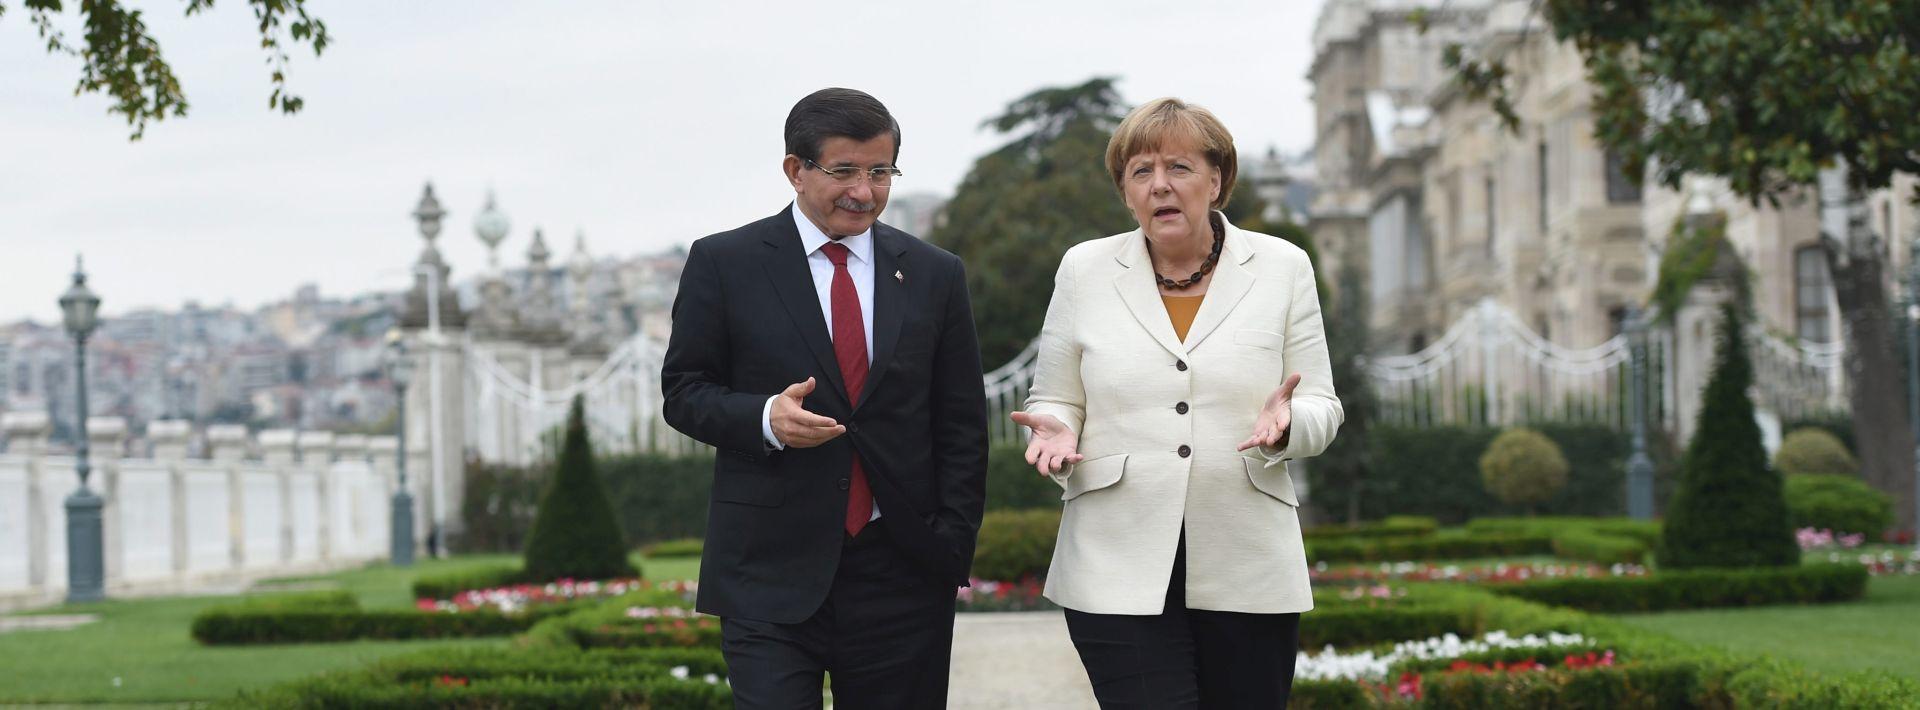 Merkel čestitala Davutogluu na pobjedi, SAD zabrinut zbog medija